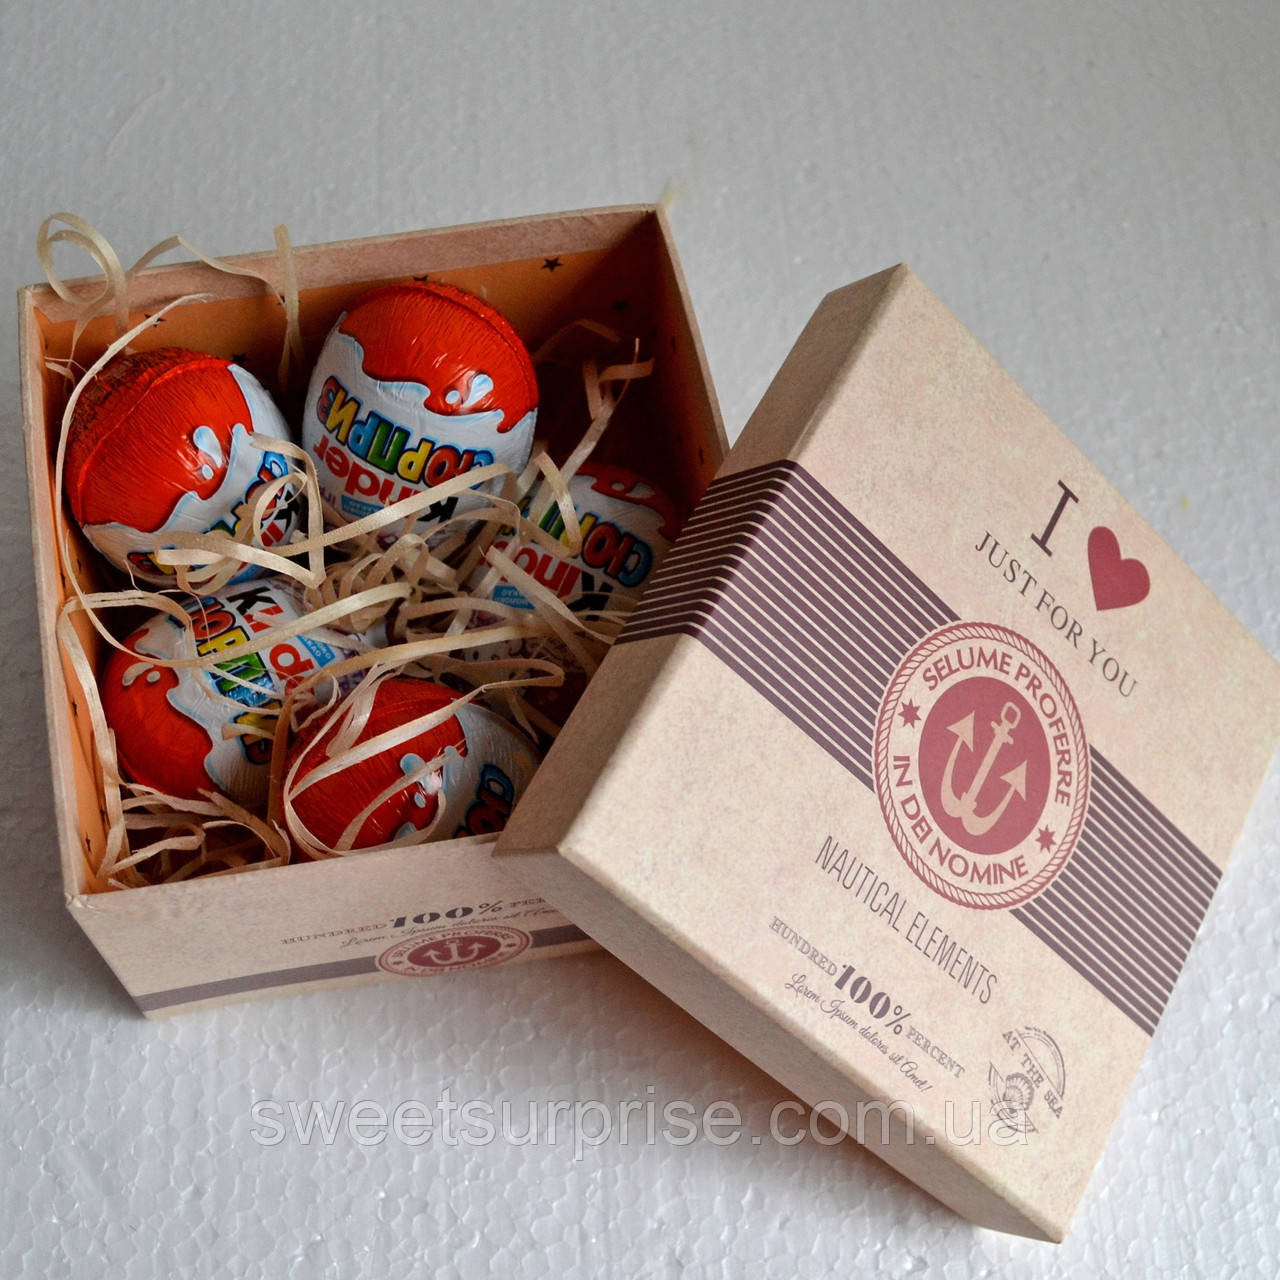 Подарочная коробка  для любимого (мини)